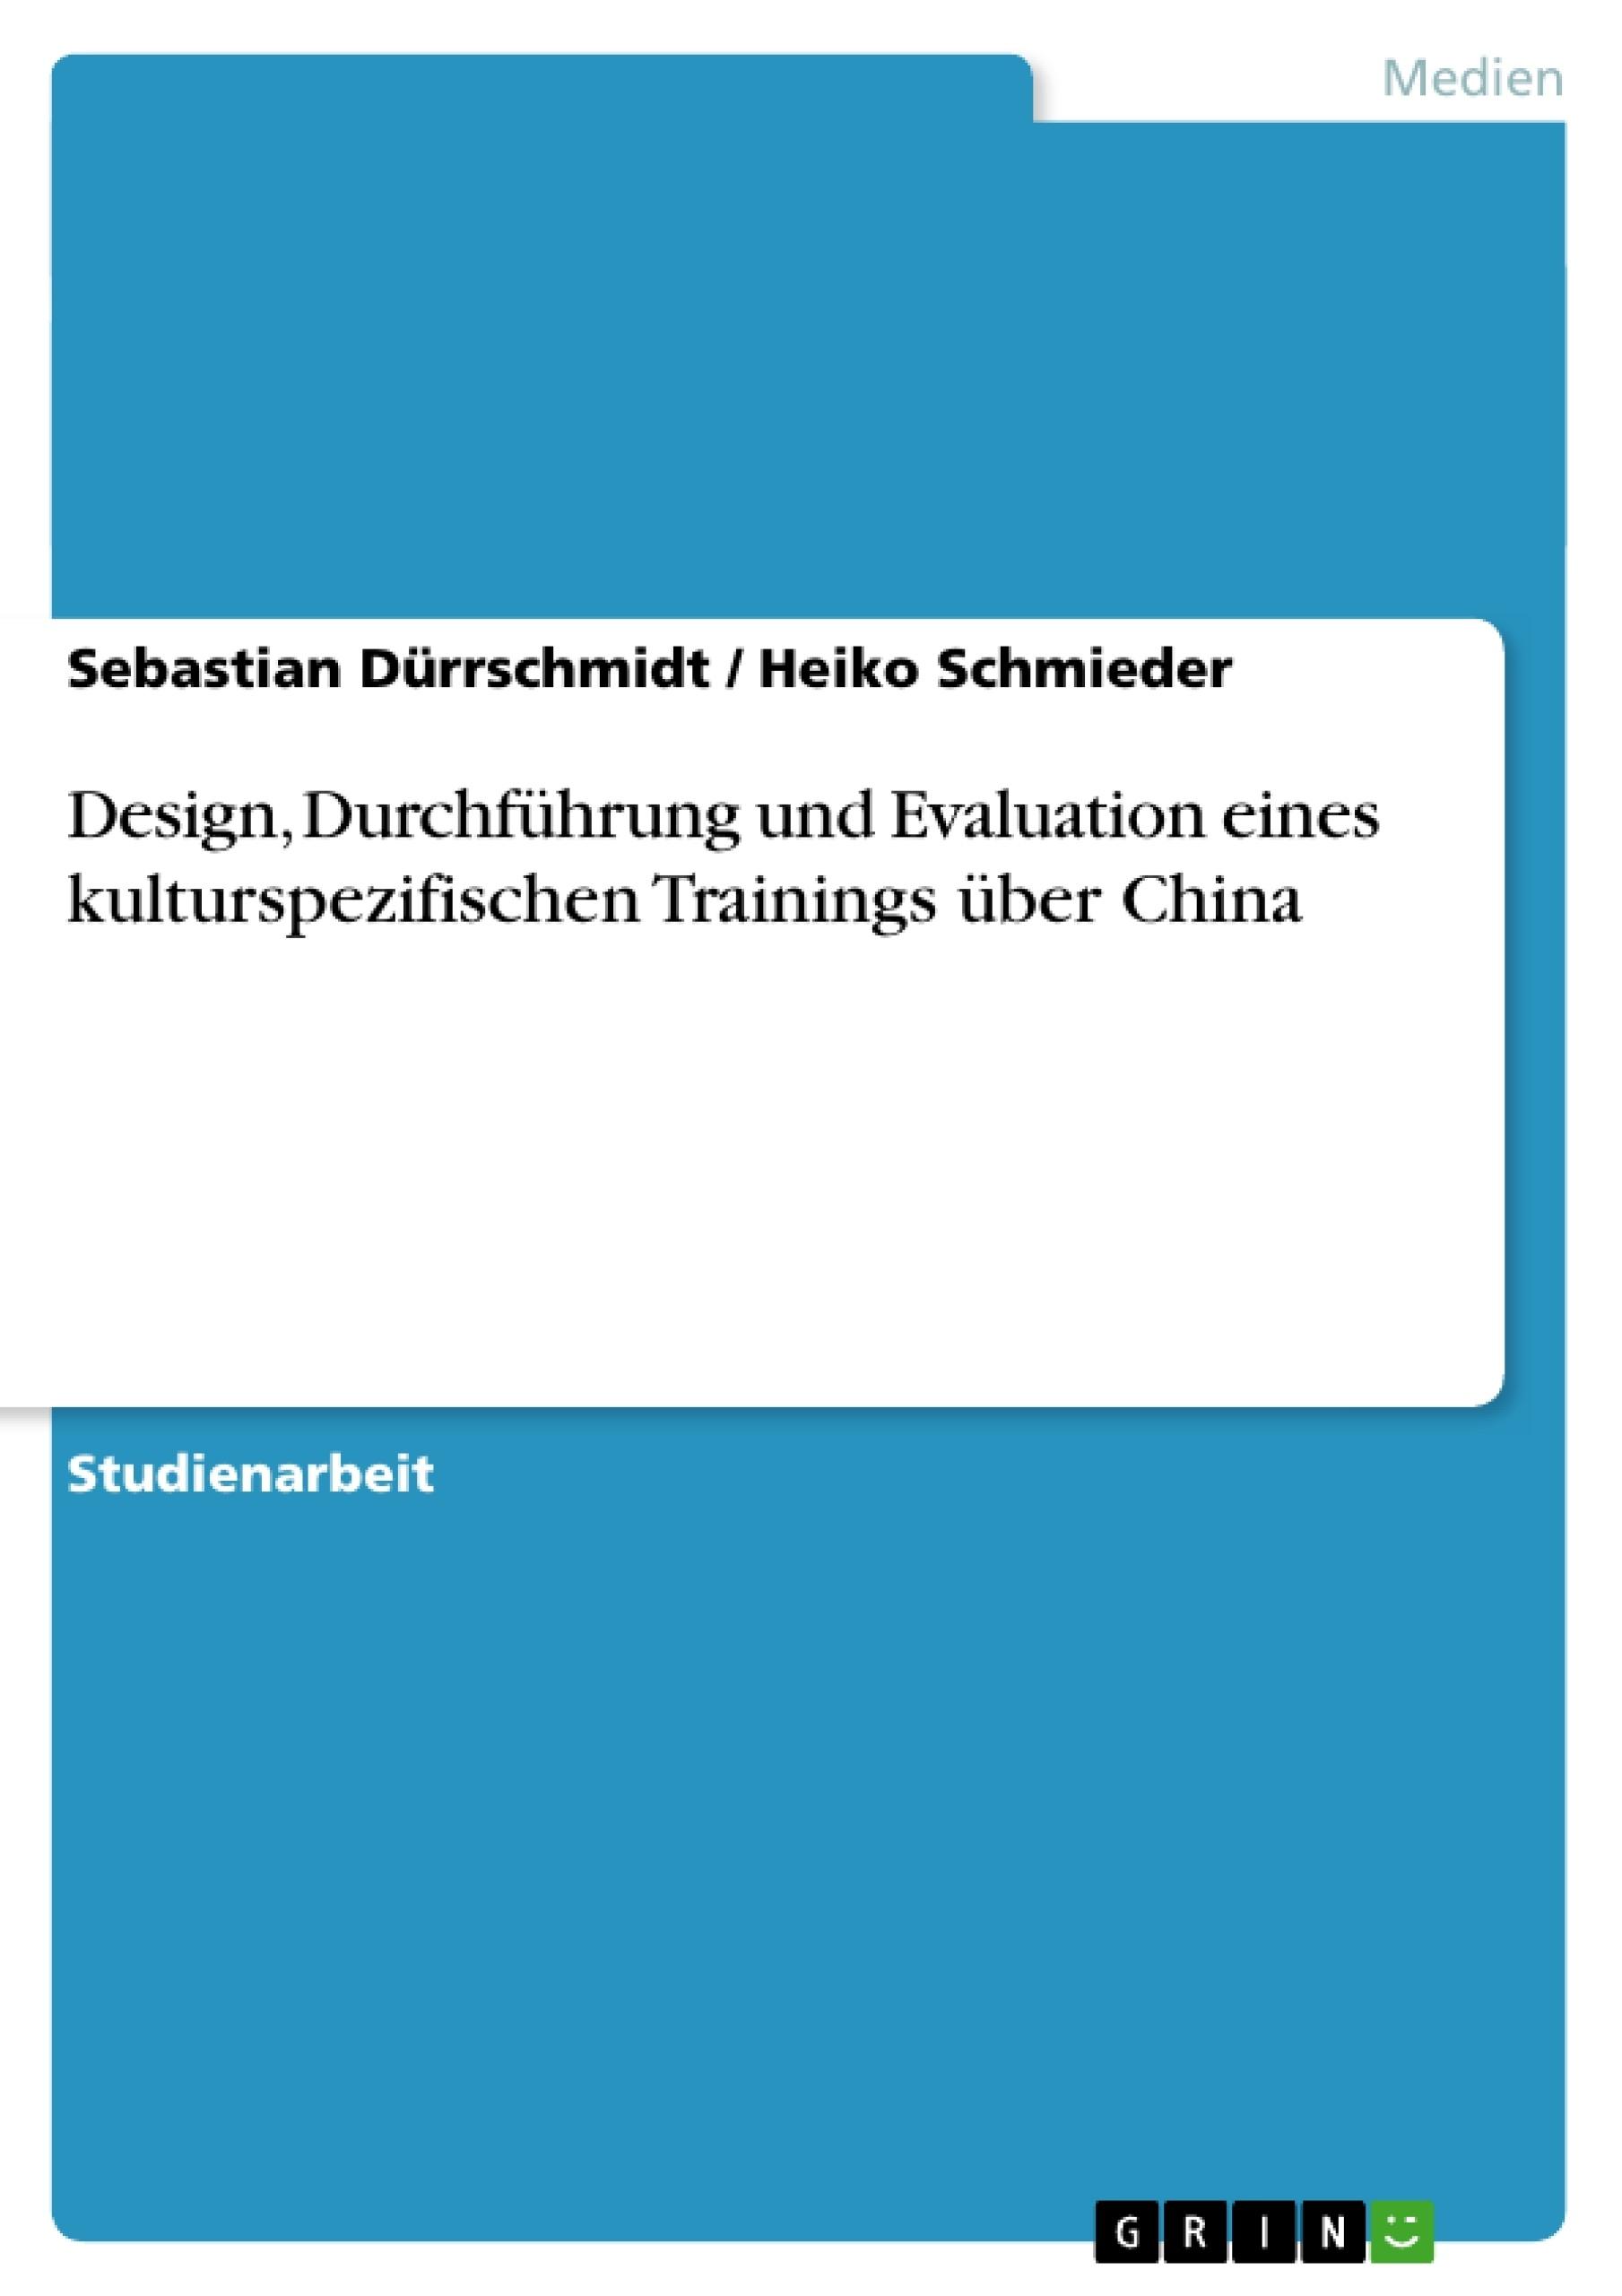 Titel: Design, Durchführung und Evaluation eines kulturspezifischen Trainings über China